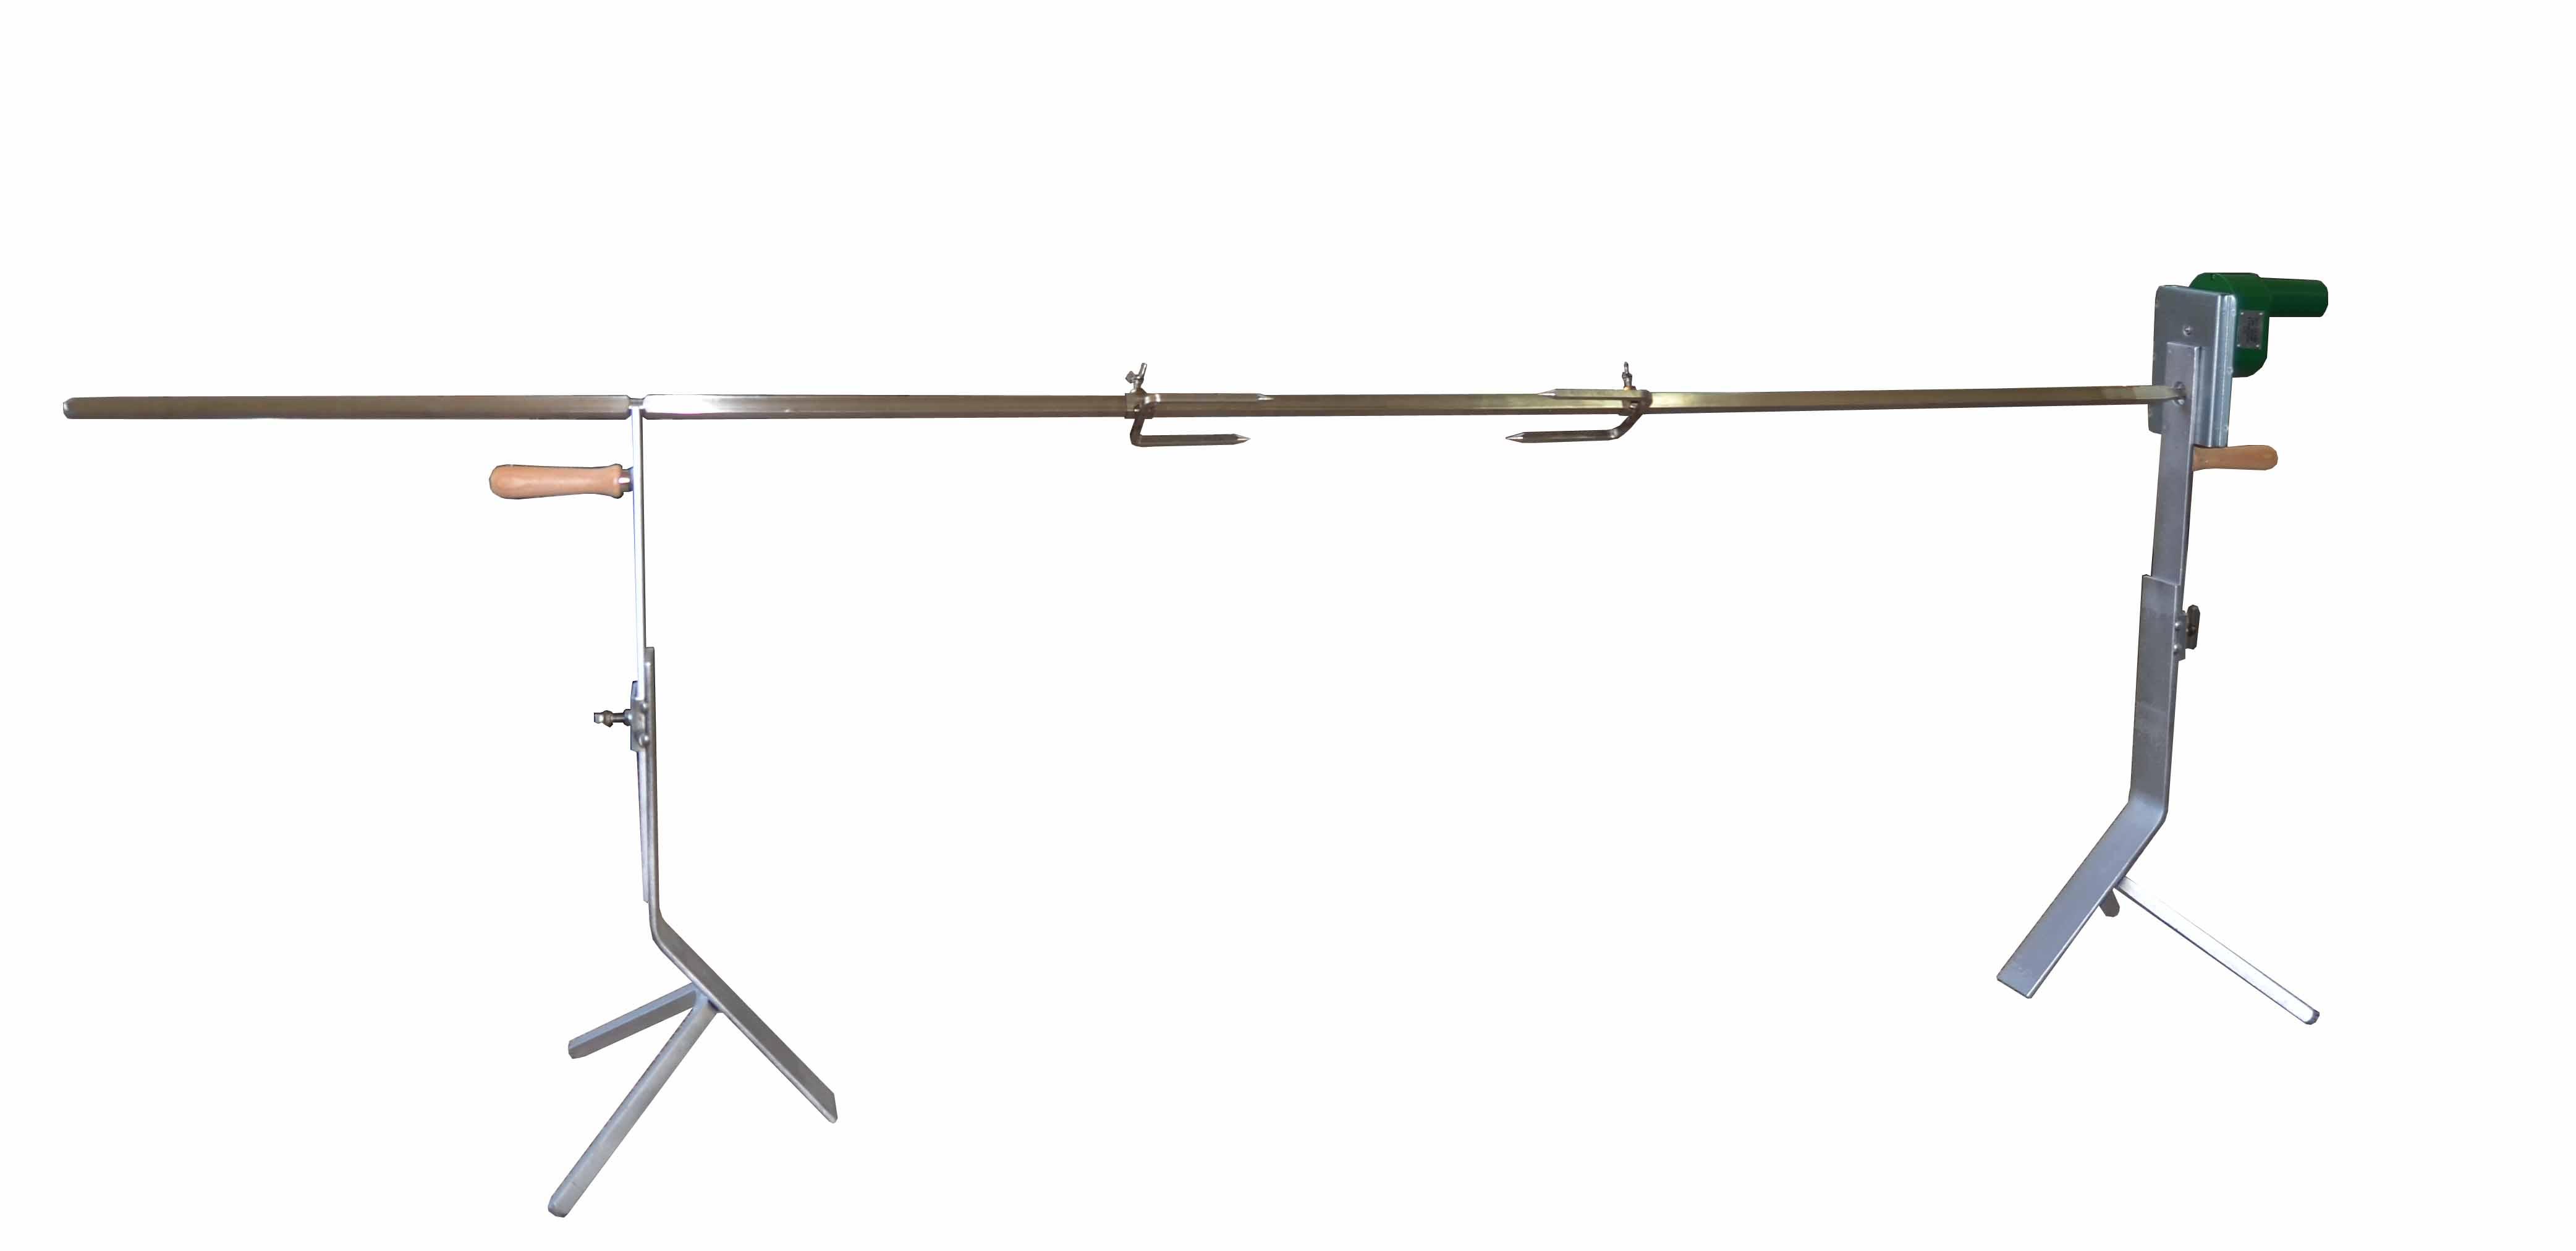 spanferkelgrill 3 bein set online kaufen im spiess onlineshop. Black Bedroom Furniture Sets. Home Design Ideas